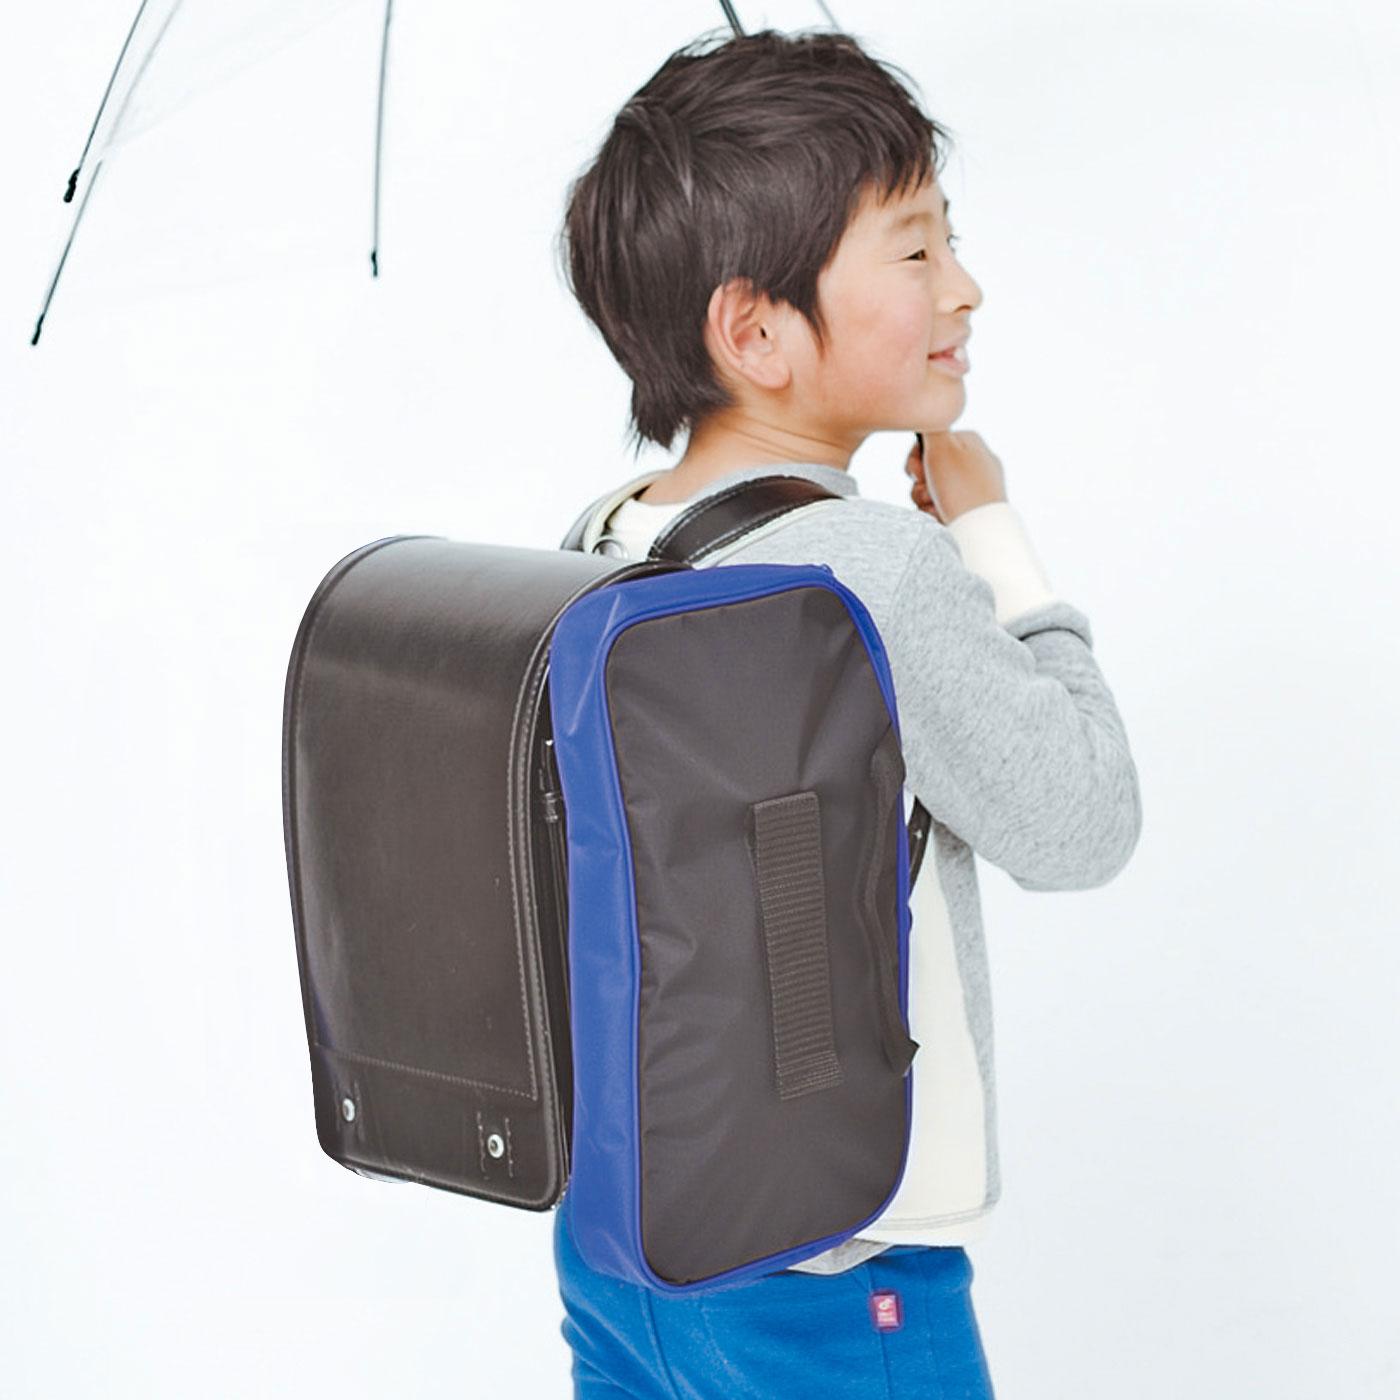 丈夫なナイロン素材の移動式スクールバッグ〈ボーイズ〉